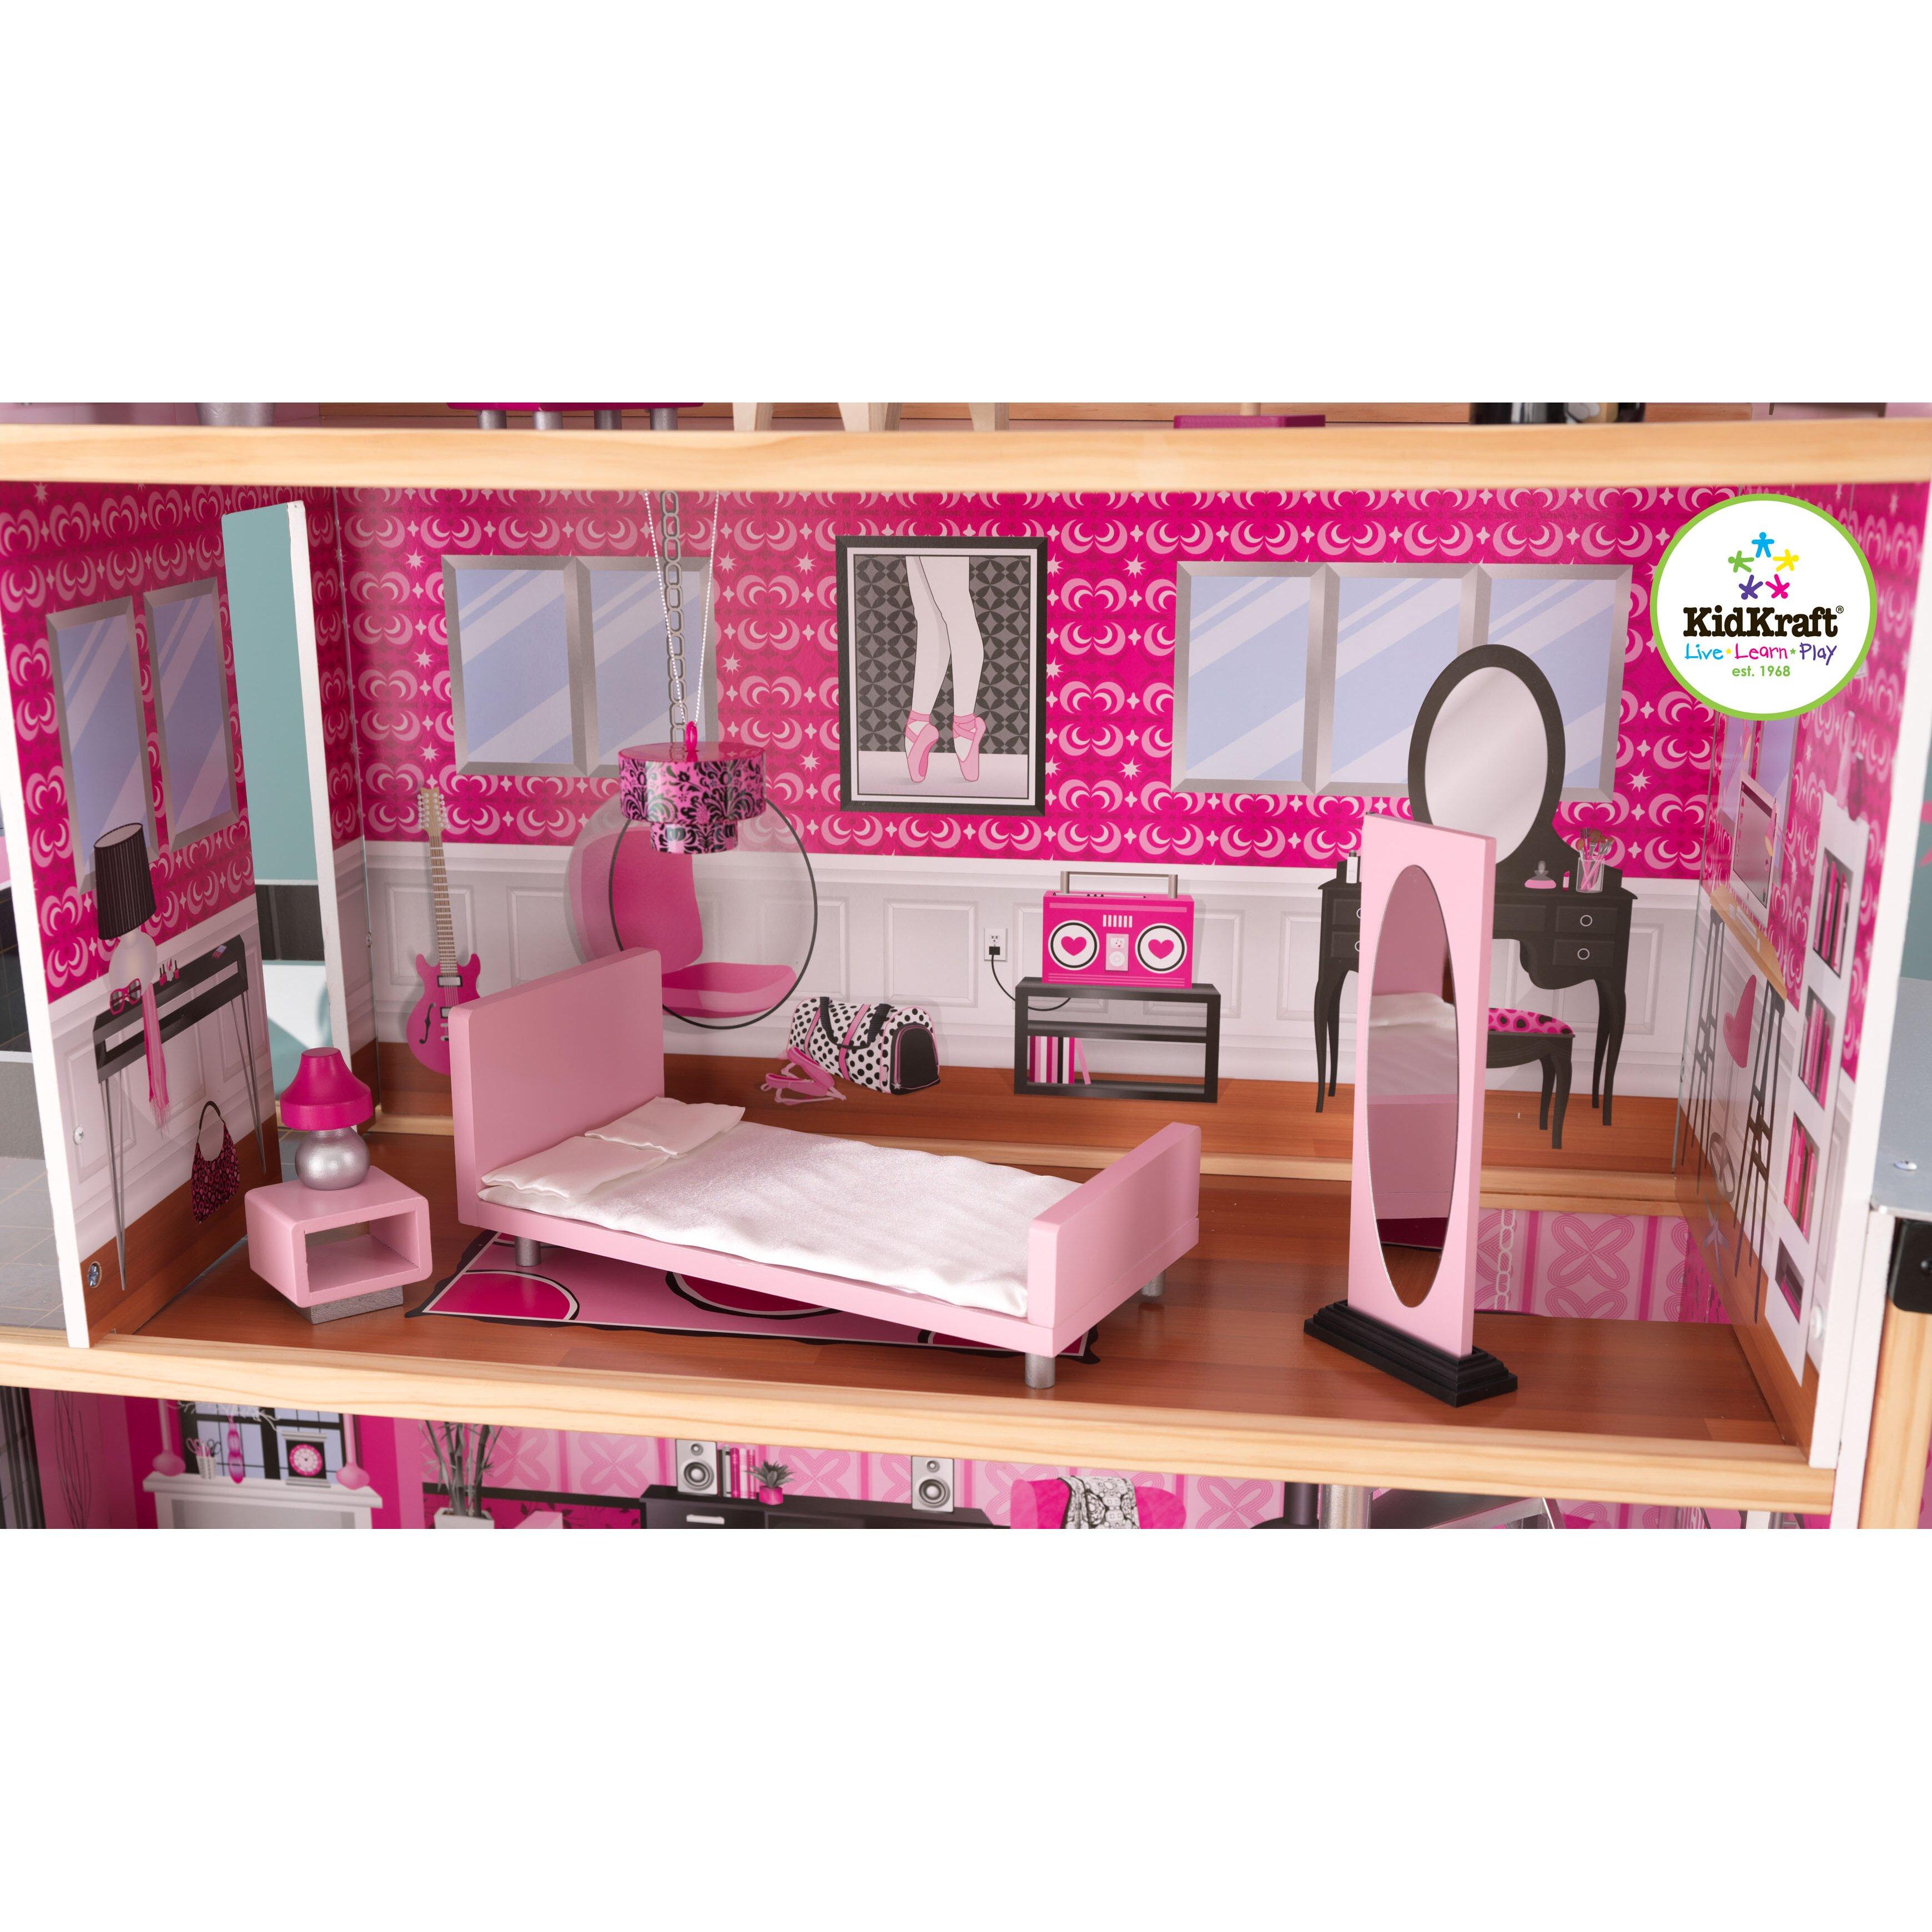 KidKraft Sparkle Mansion Dollhouse & eviews Wayfair - ^